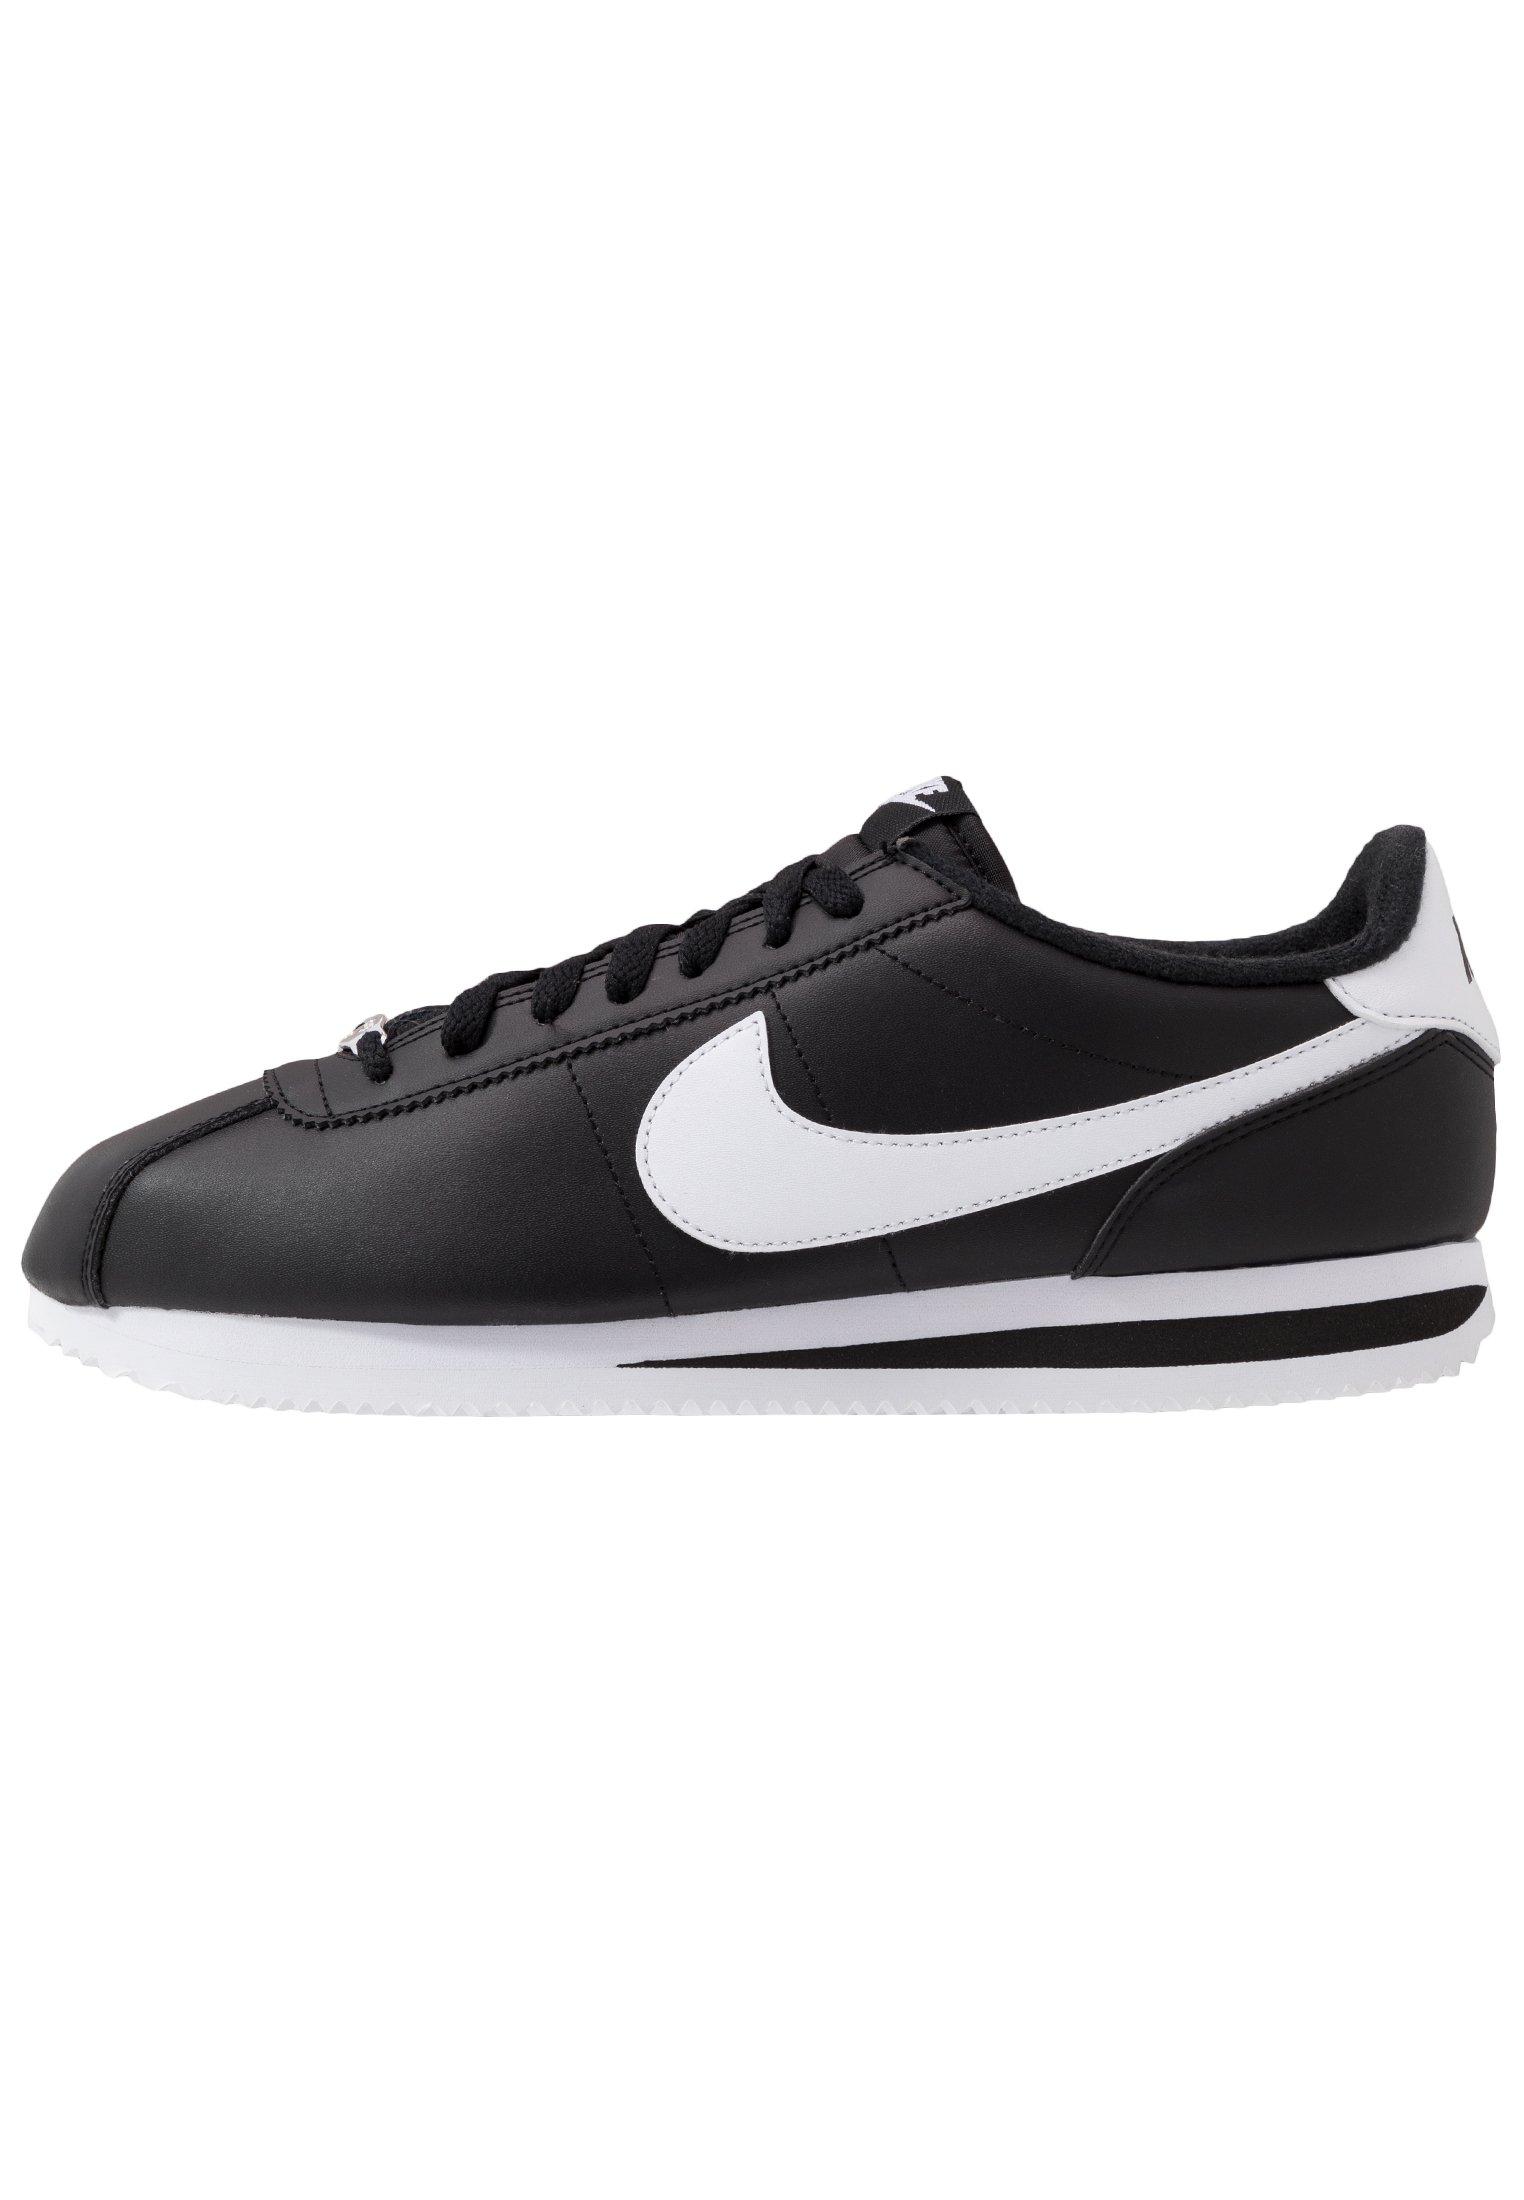 Zapatillas Nike de hombre | Comprar bambas en Zalando